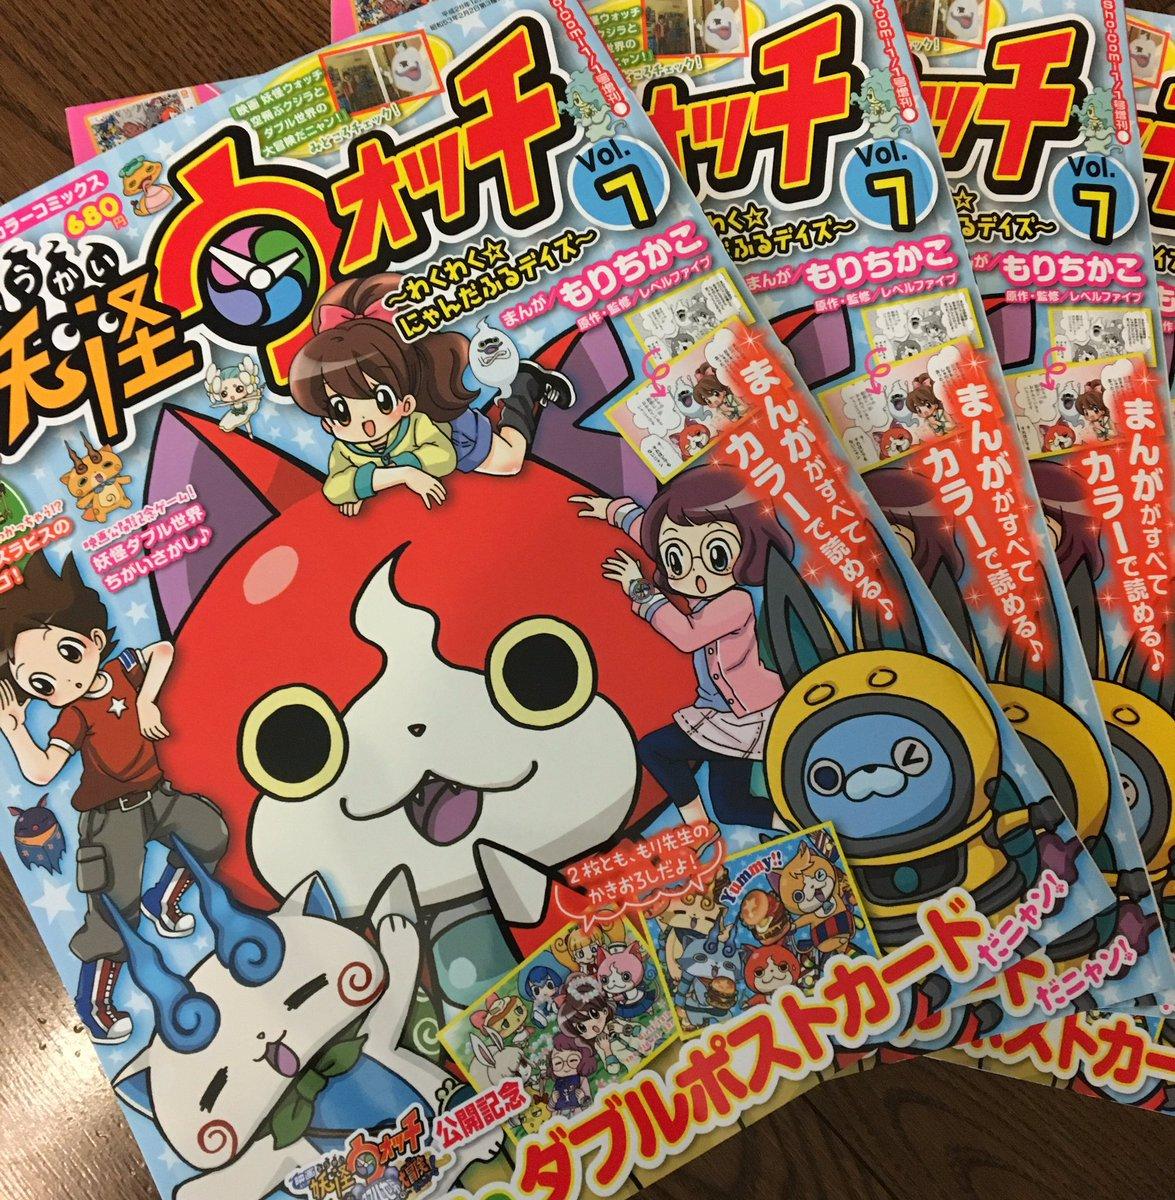 12月9日ごろに妖怪ウォッチわくわく☆にゃんだふるデイズのオールカラーコミックが出ます!2種類のポストカード描いたのでチ